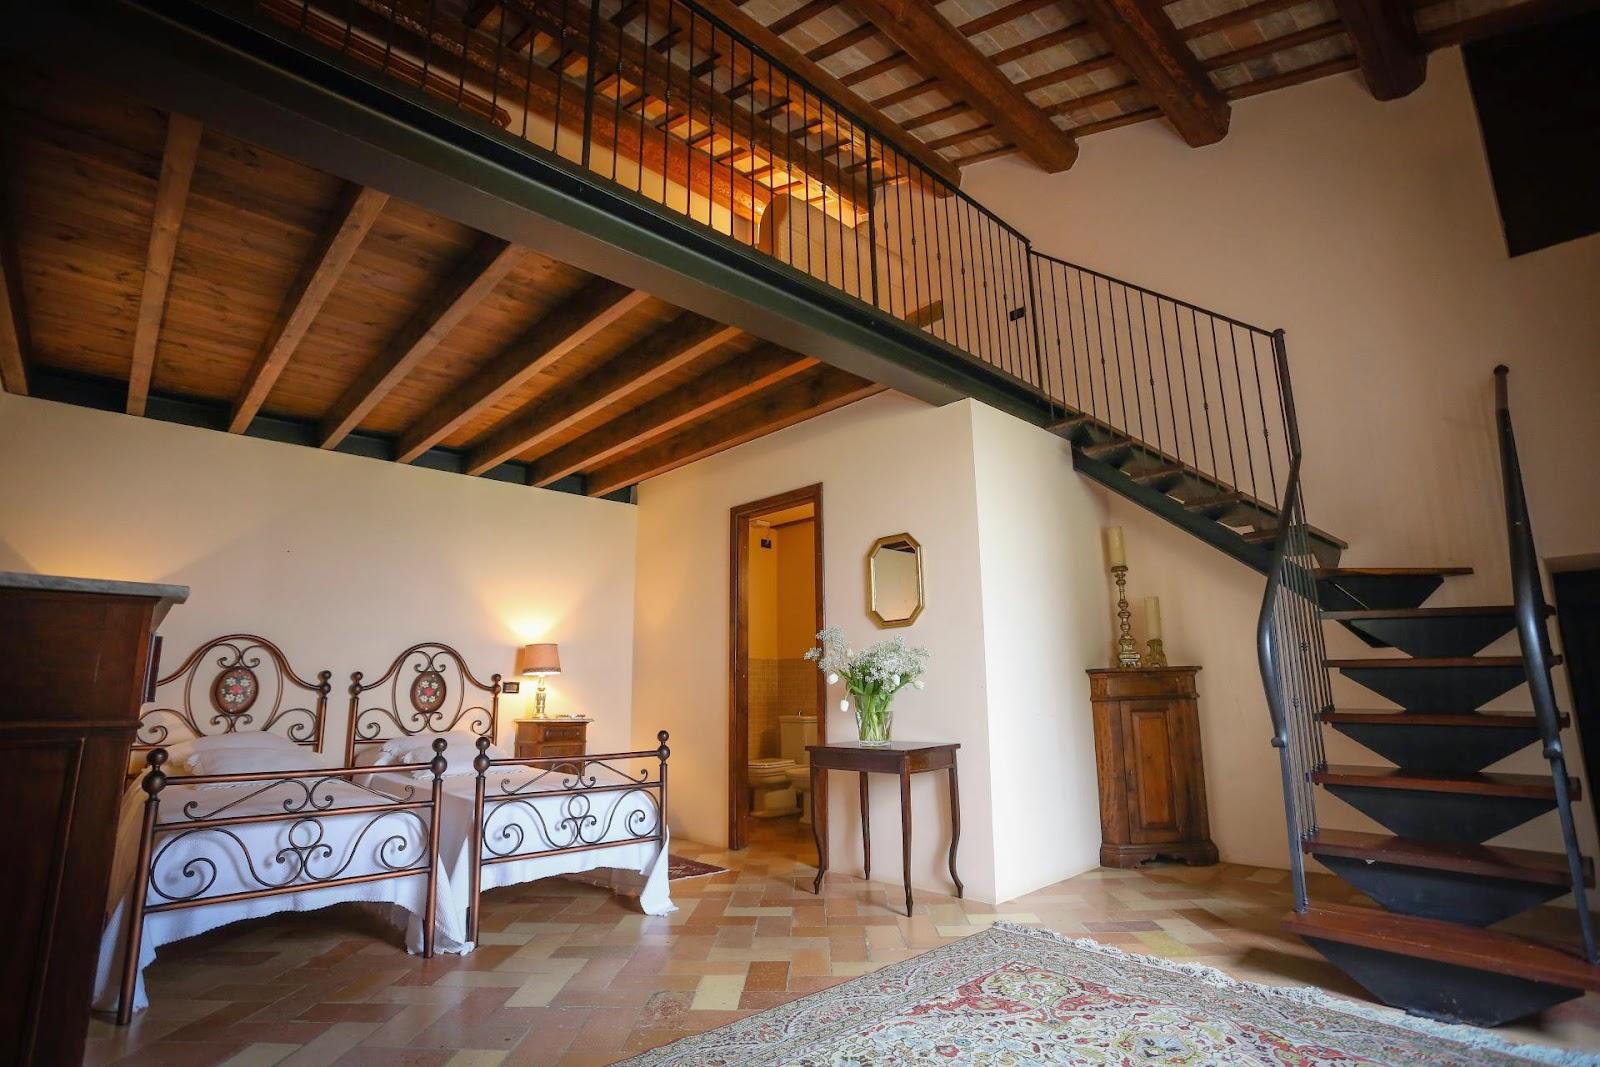 Ferienhaus Villa Montemaggiore (934885), Colli del Tronto, Ascoli Piceno, Marken, Italien, Bild 12